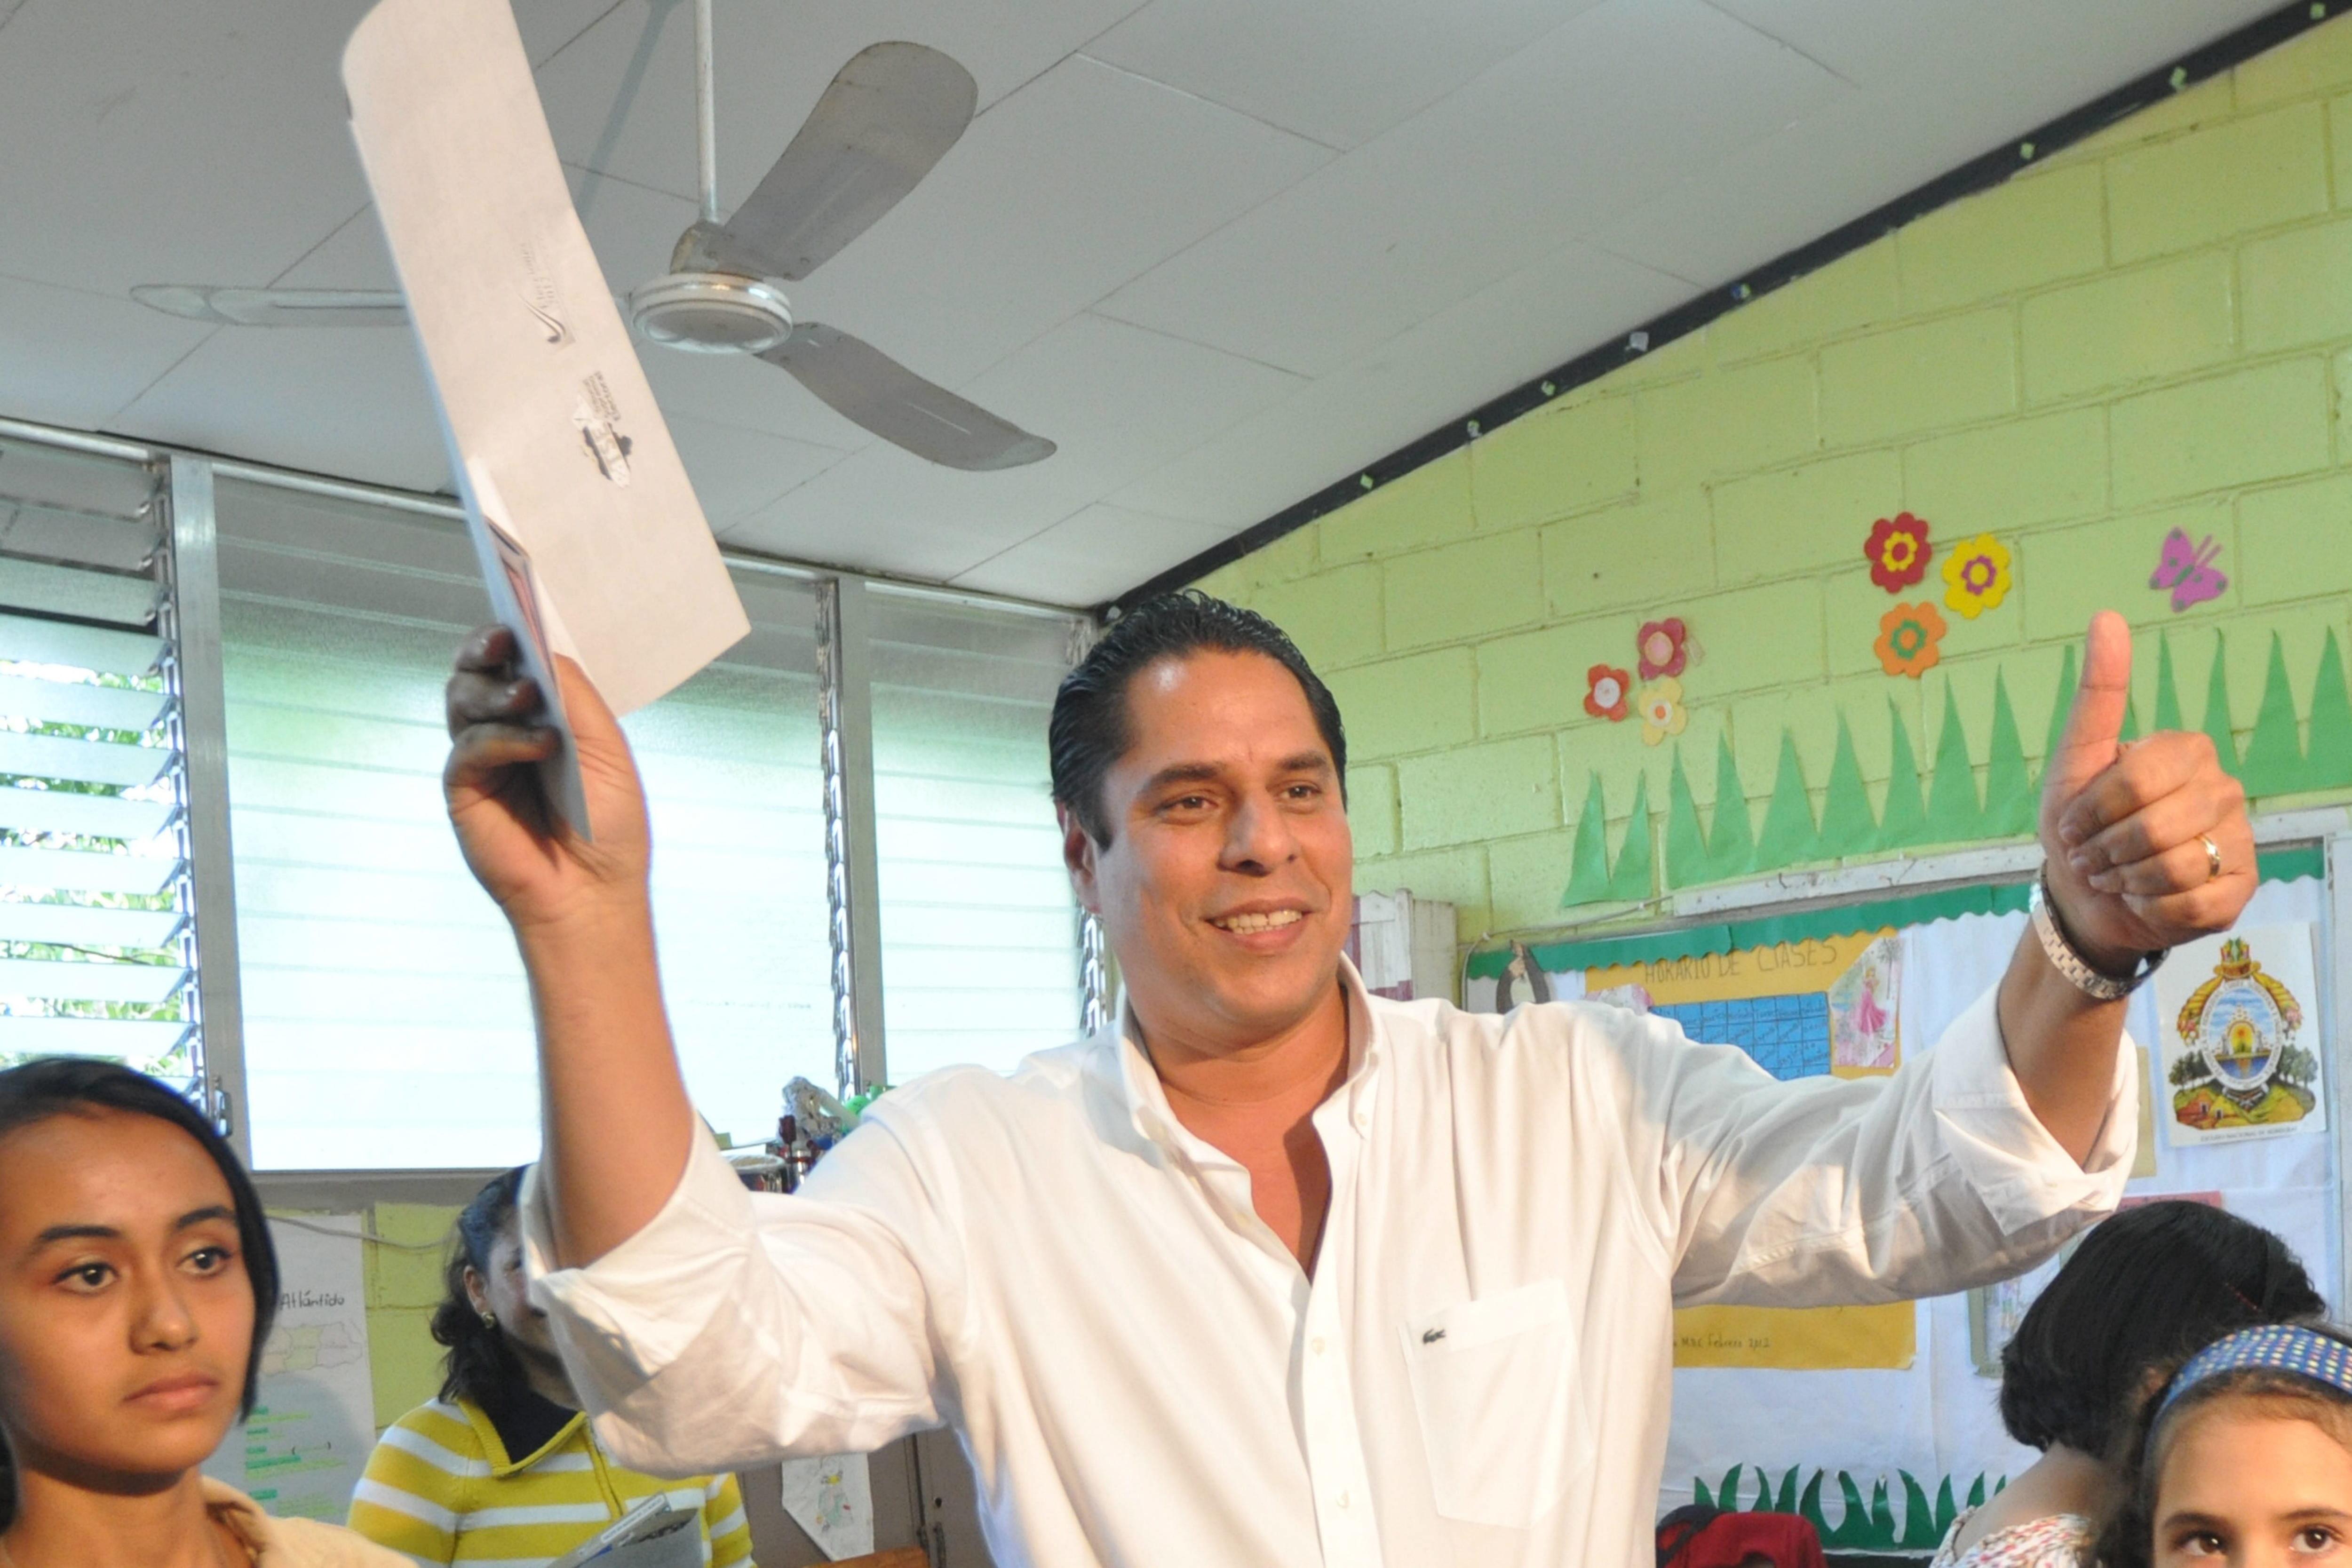 El exministro y exalcalde de Tegucigalpa Miguel Pastor se entregó a la justicia de Honduras